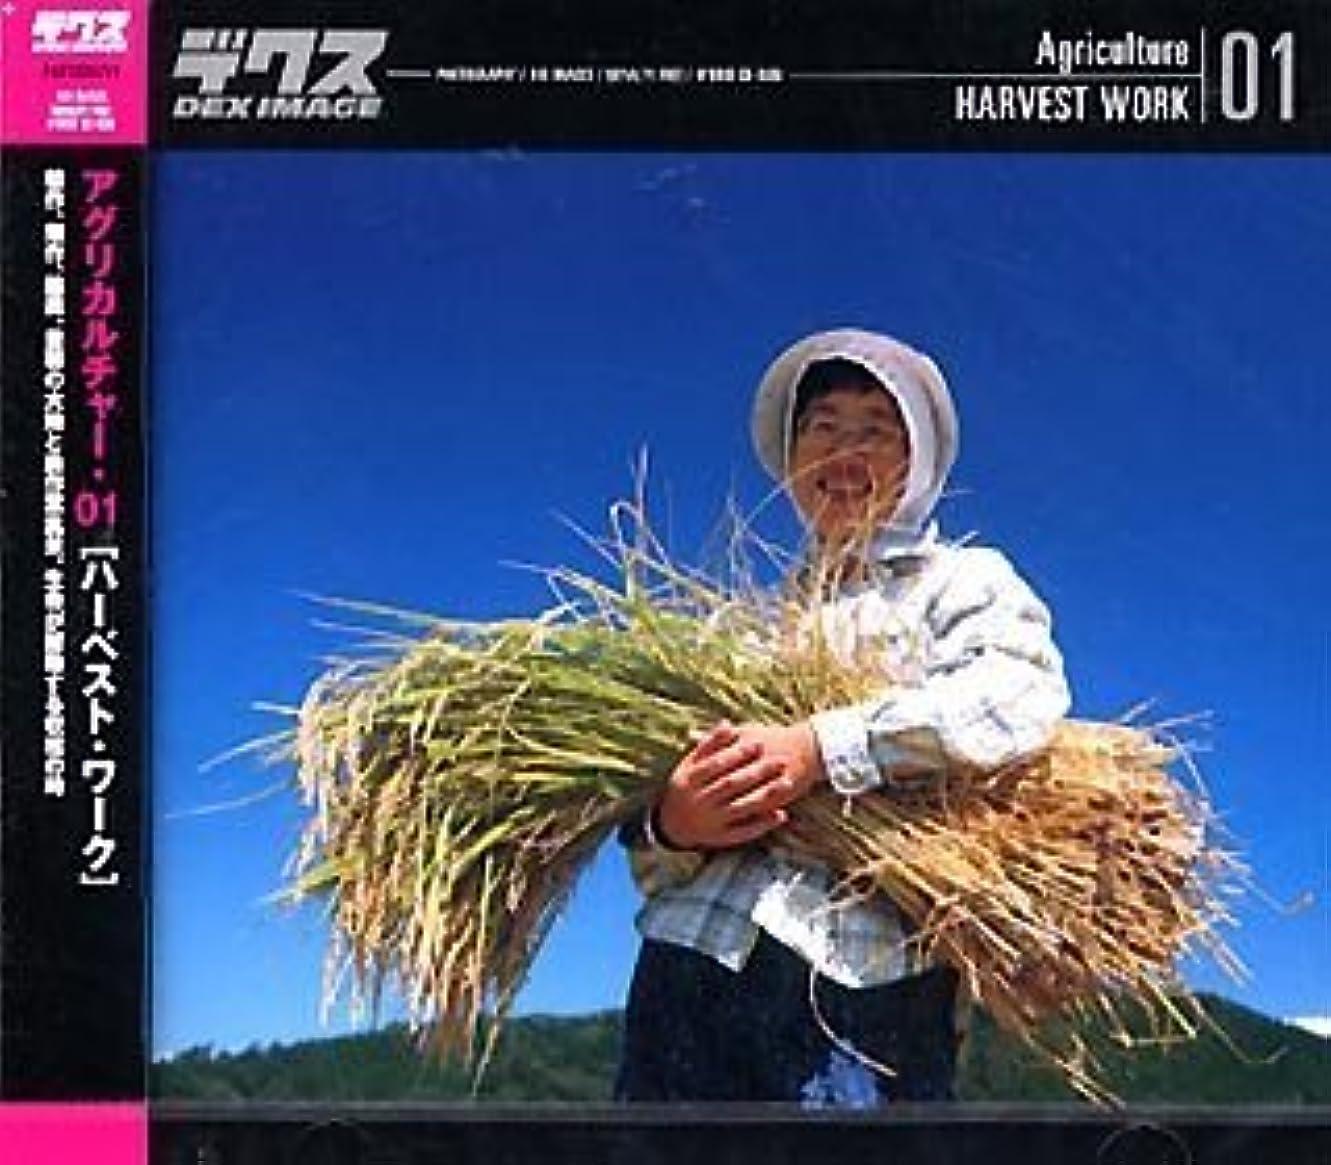 量で始めるベテランAgriculture 01 Harvest Work